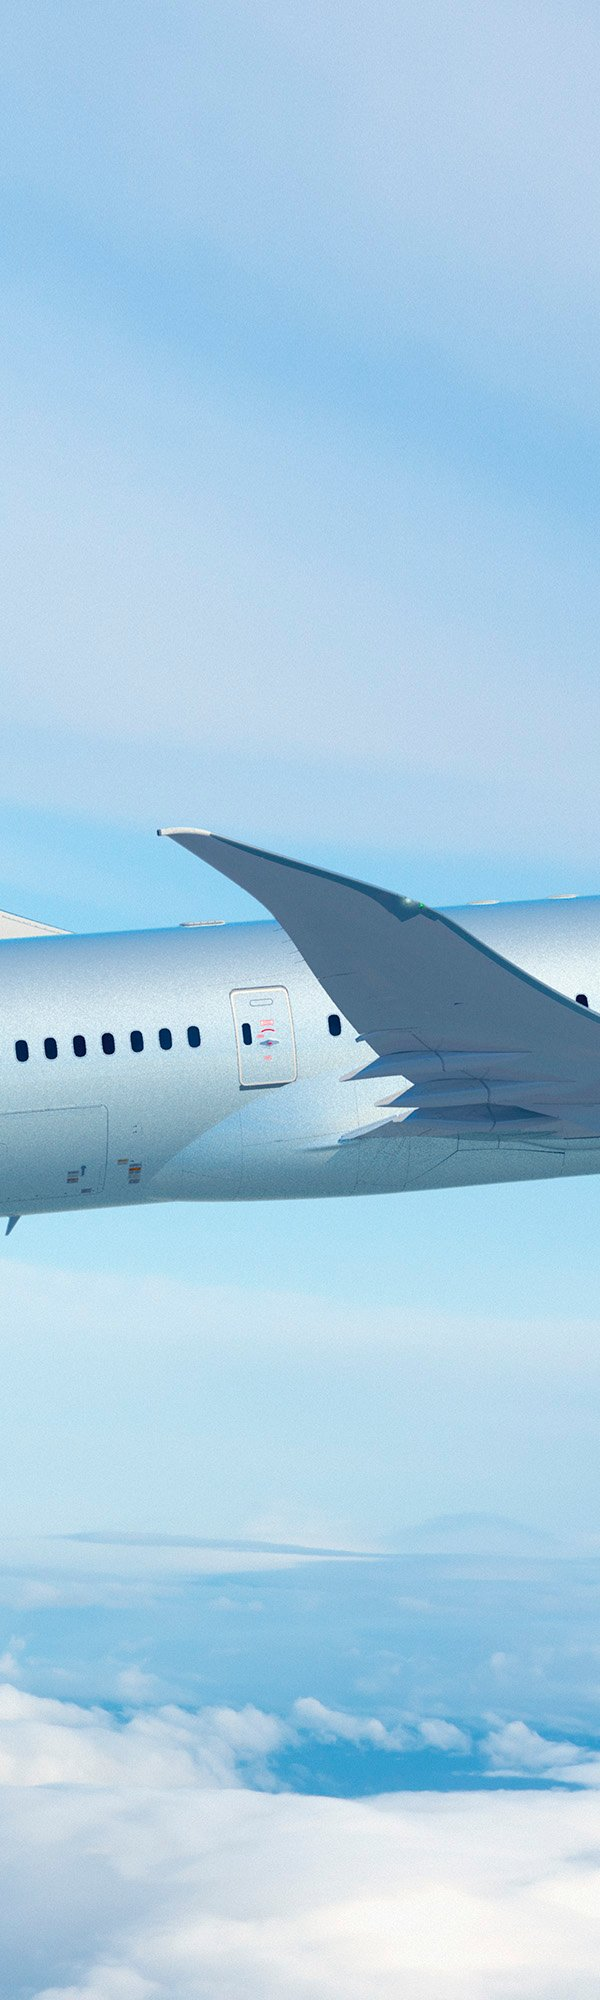 美国航司的航班多数都配有机上wifi服务.